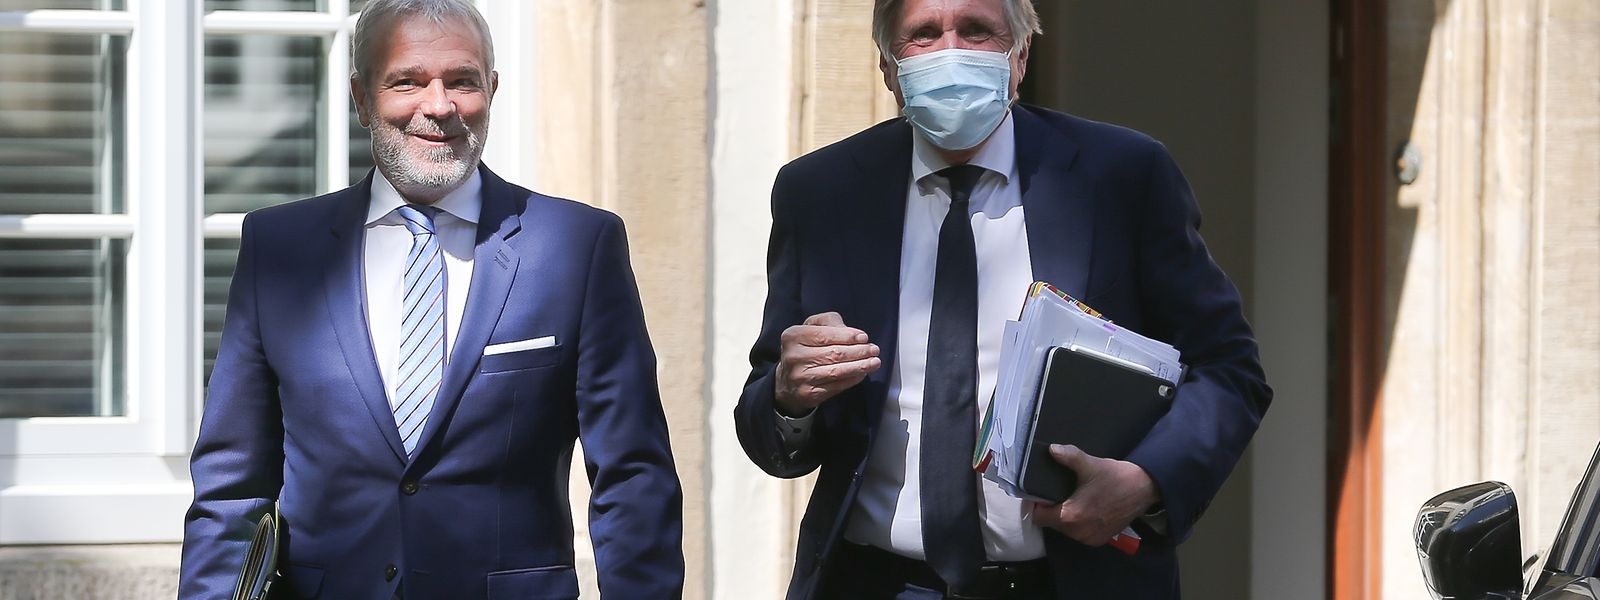 Oben ohne: Dan Kersch verzichtet auf den Mundschutz, François Bausch trägt seine Maske.